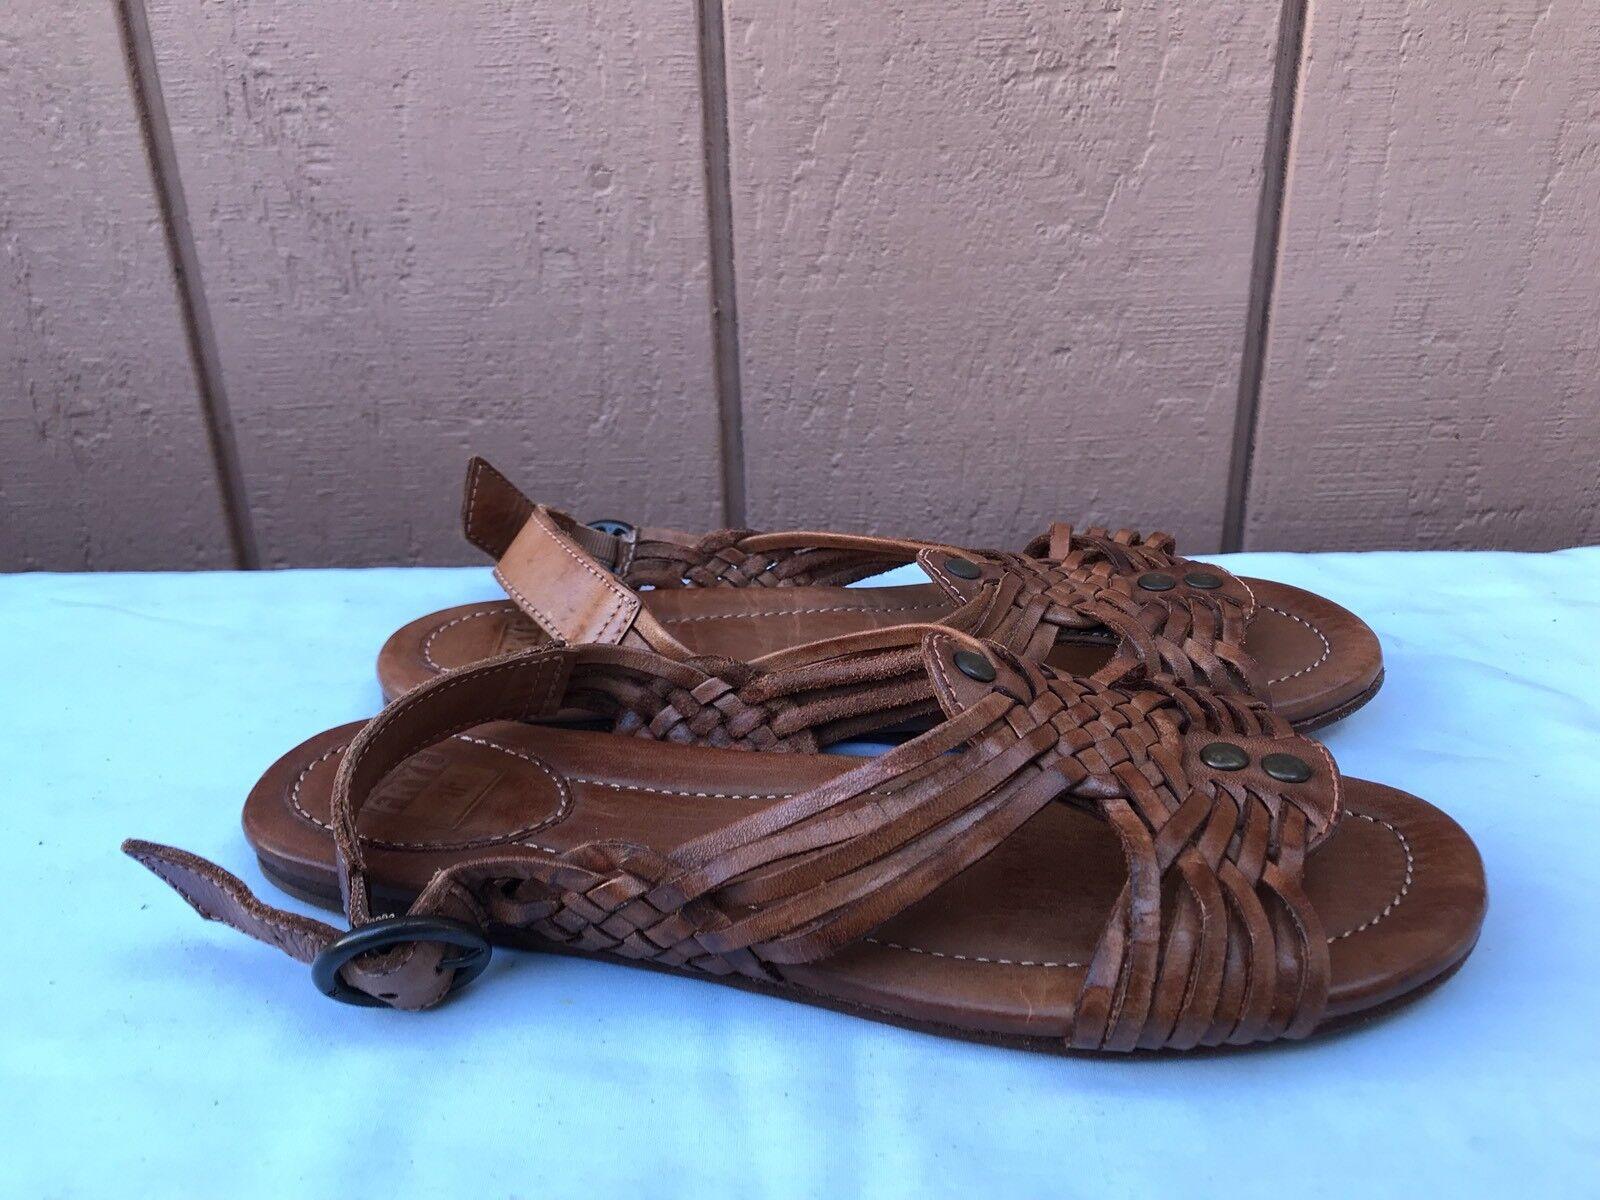 negozio online RARE RARE RARE EUC FRYE Slingback Sandal Dimensione US 8B Donna  Marrone Woven Leather scarpe A7  forma unica